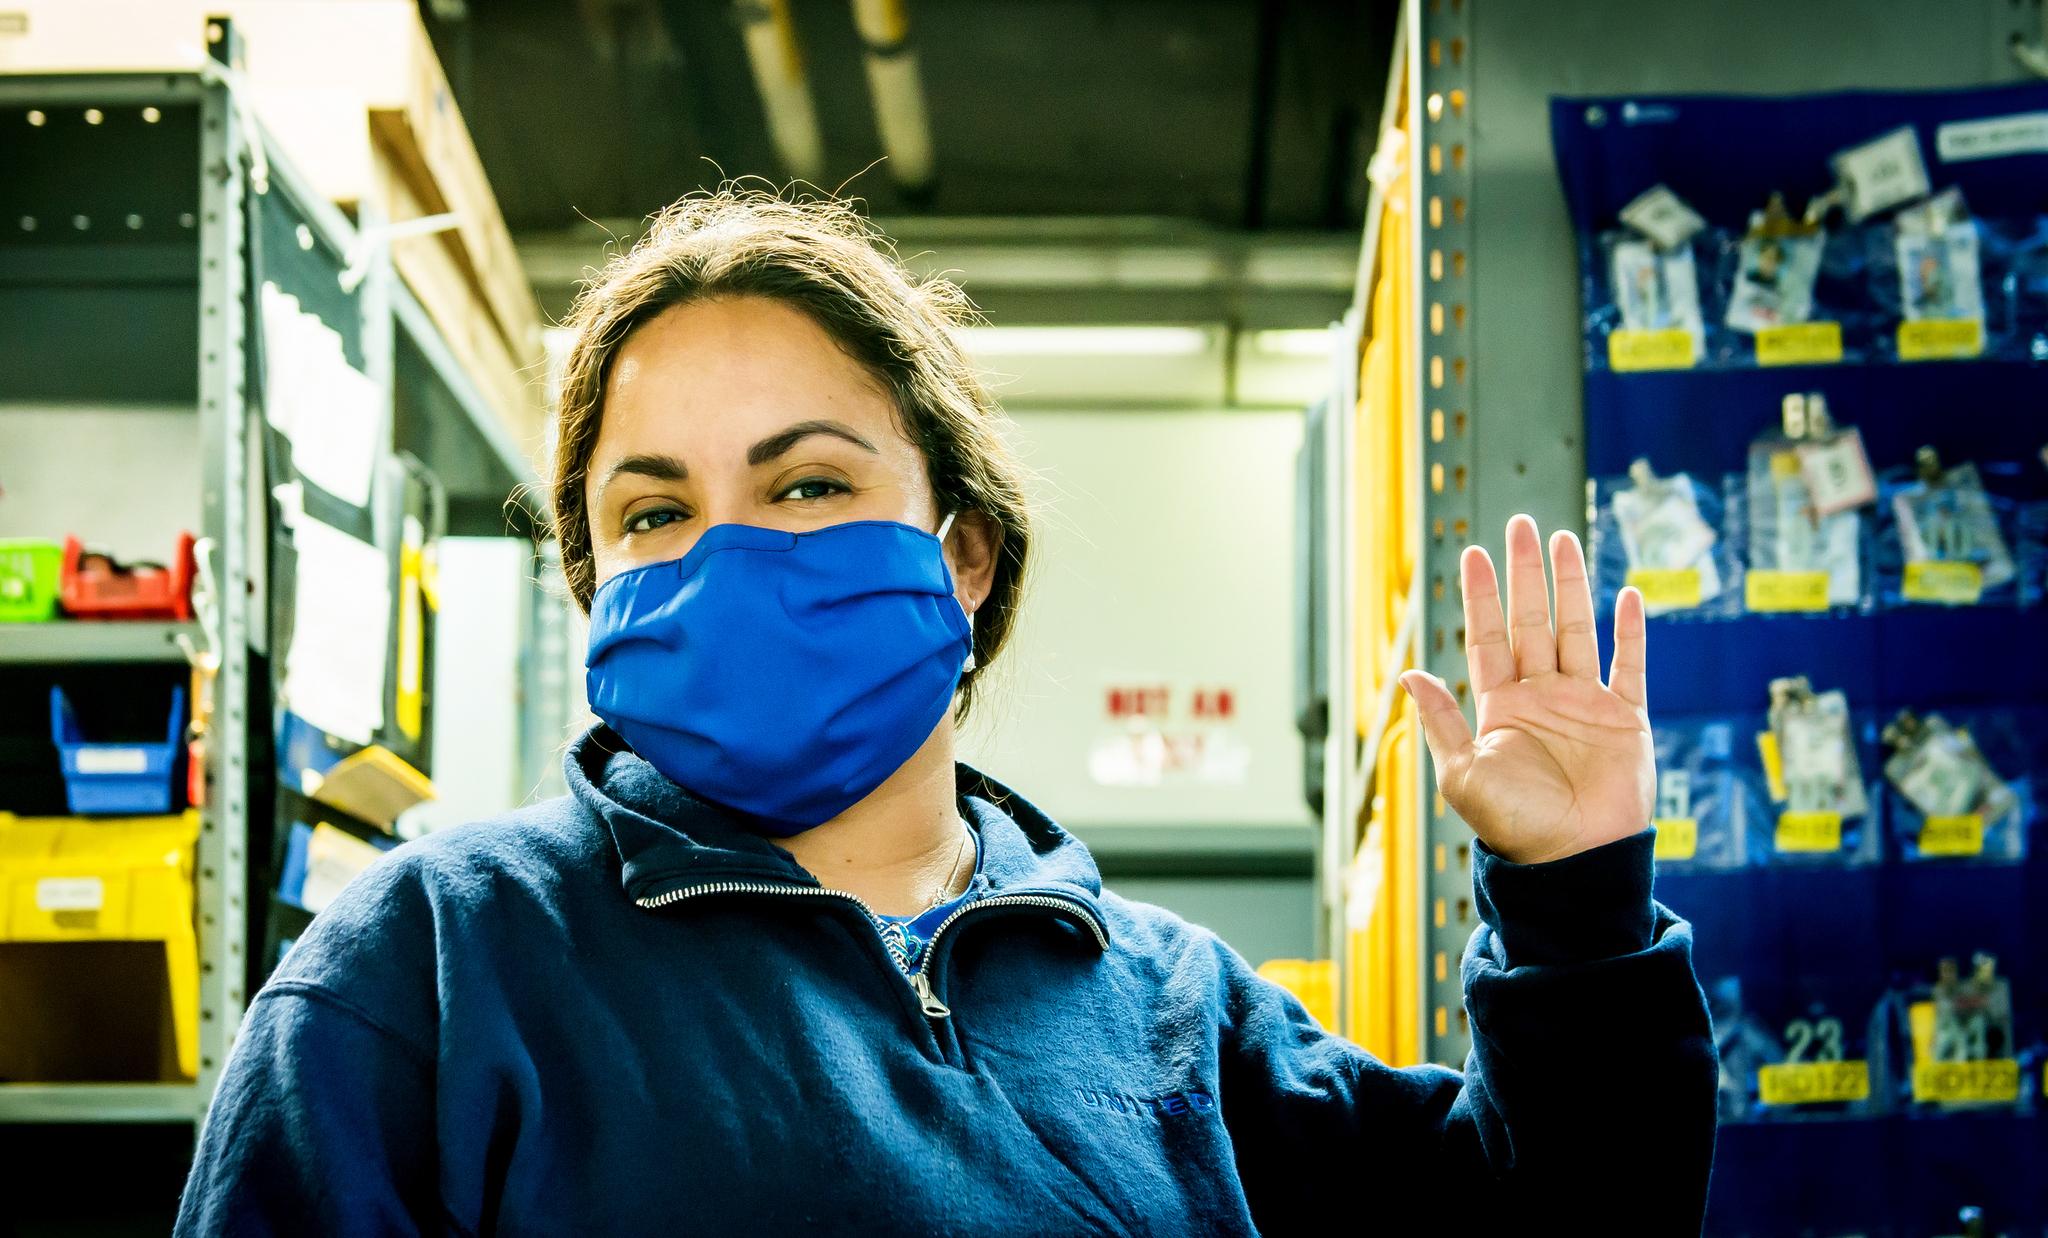 United Airlines transforme d'anciens uniformes en masques pour les employés